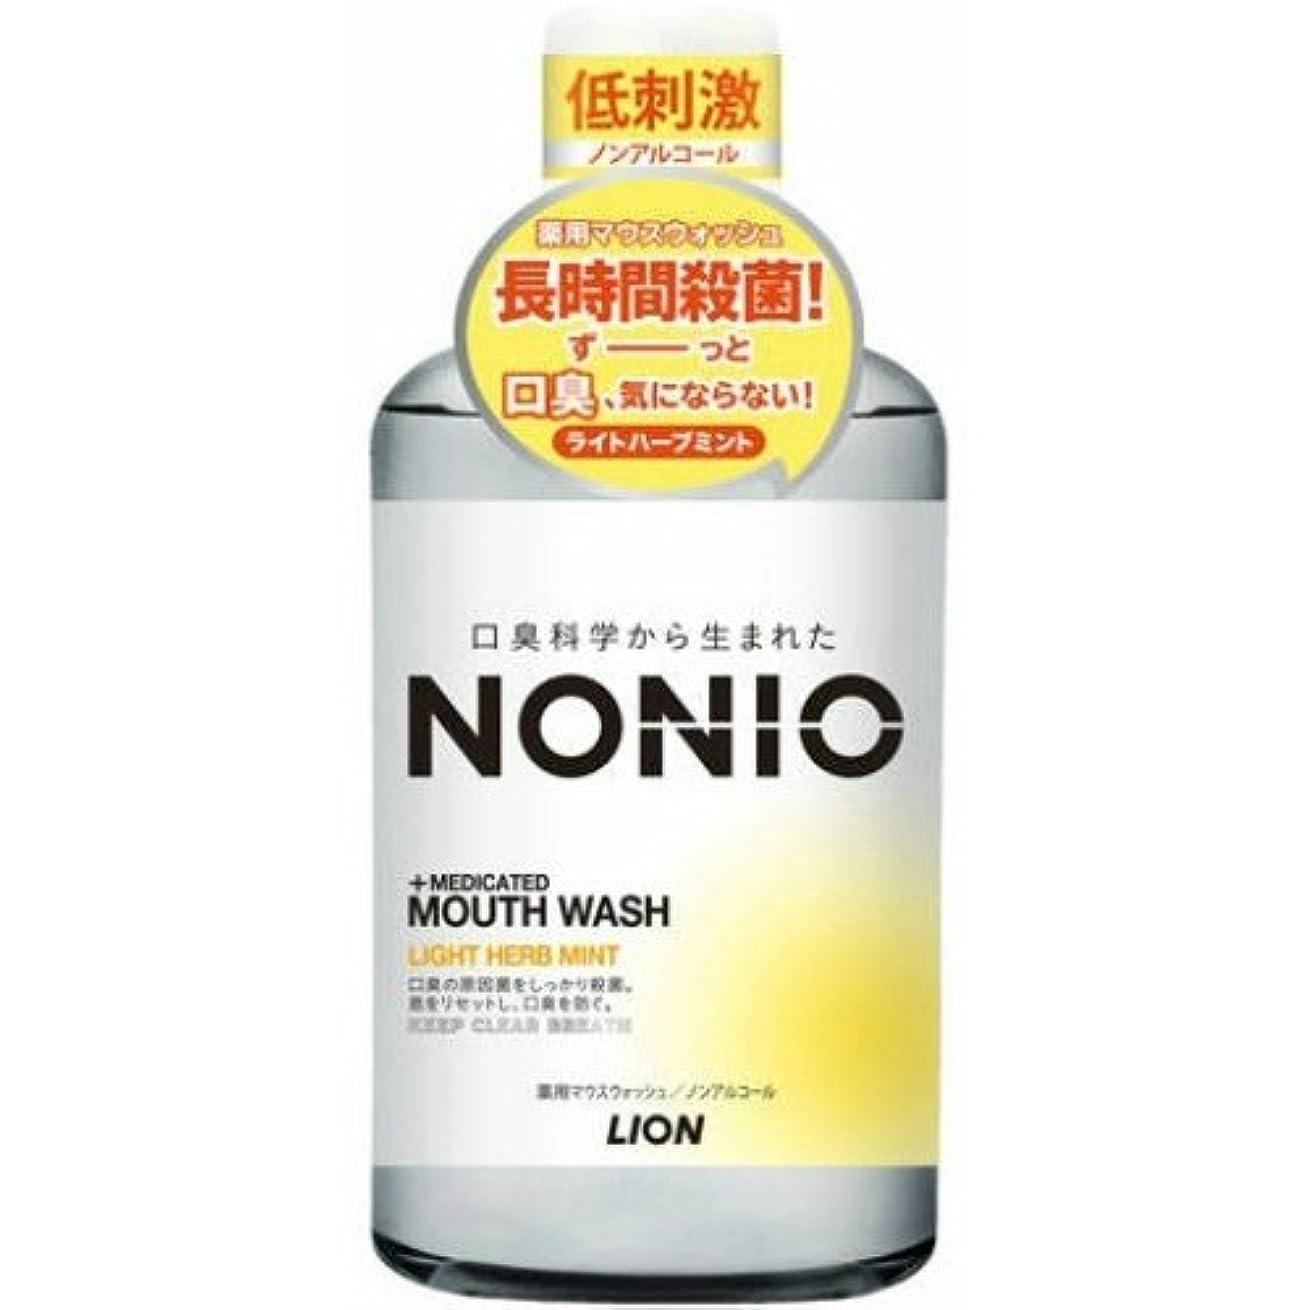 要求するドナー挑発するLION ライオン ノニオ NONIO 薬用マウスウォッシュ ノンアルコール ライトハーブミント 600ml 医薬部外品 ×10点セット(4903301259398)